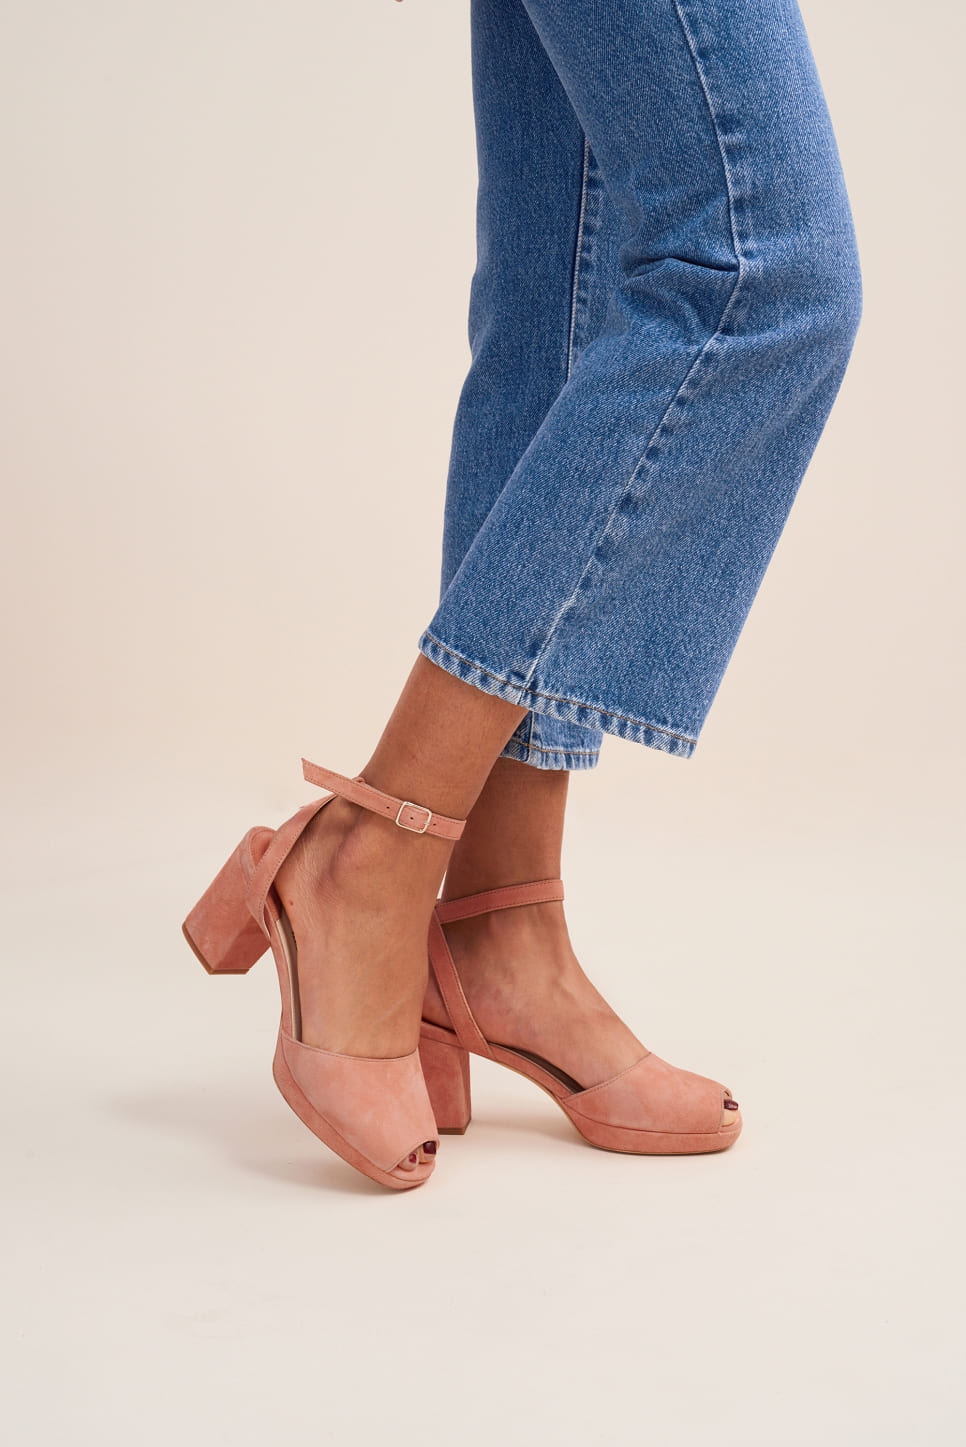 FRIDA heels